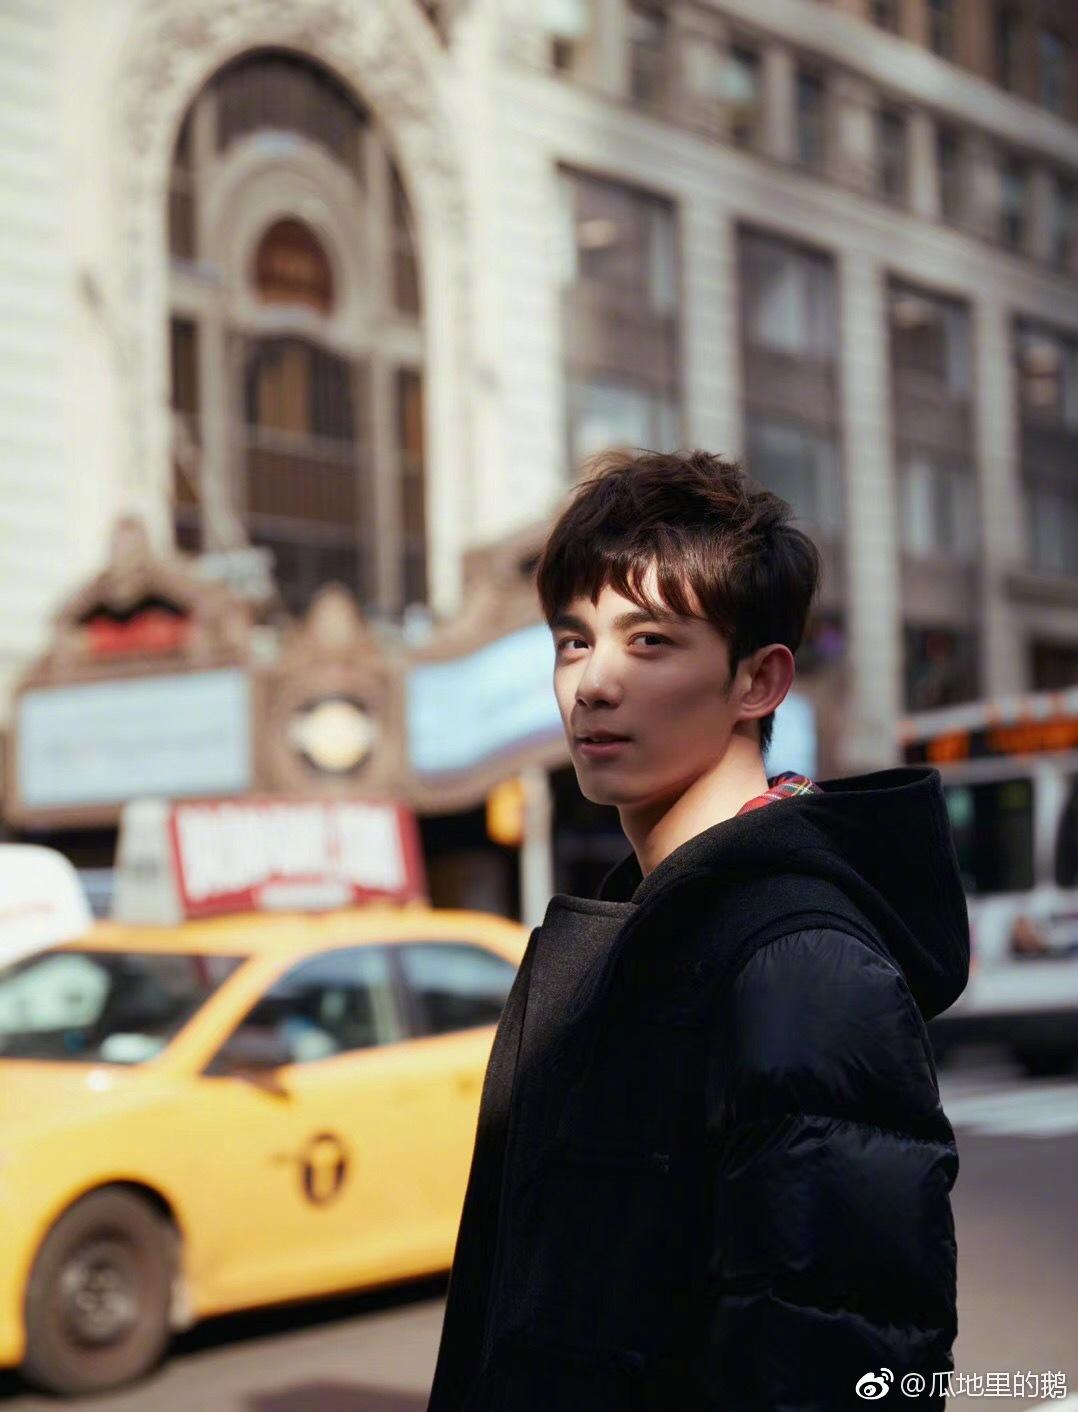 吴磊 纽约街头游客照,整条街上最靓的崽